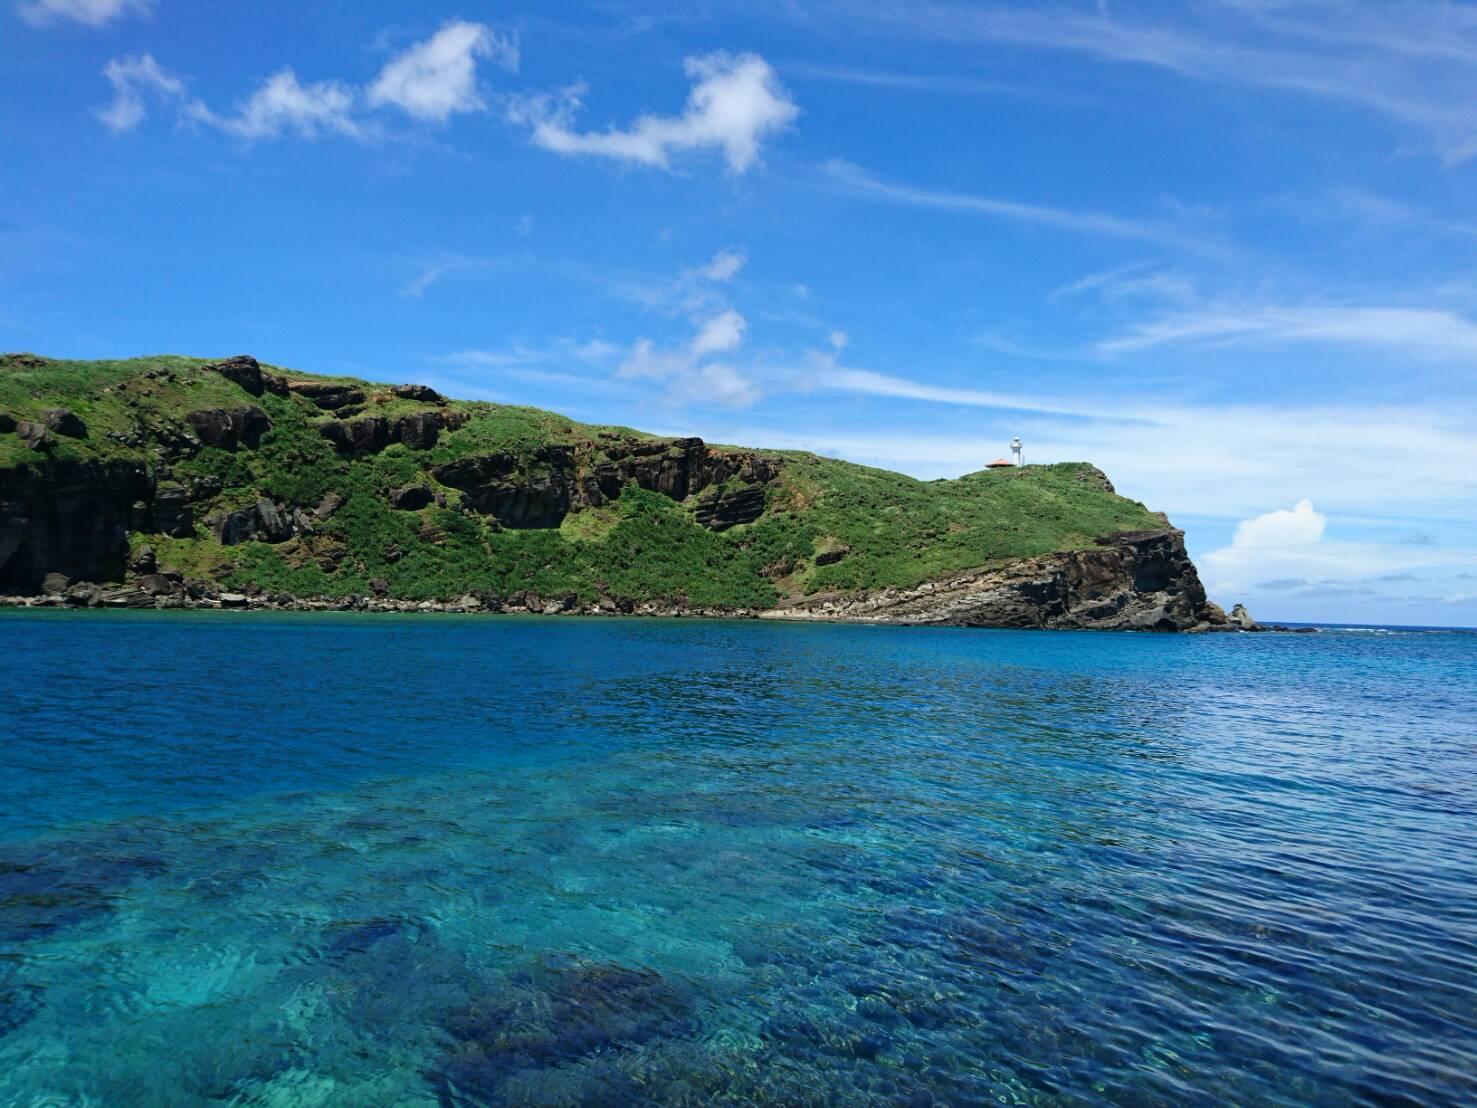 日本最西端の岬と西崎(イリザキ)灯台